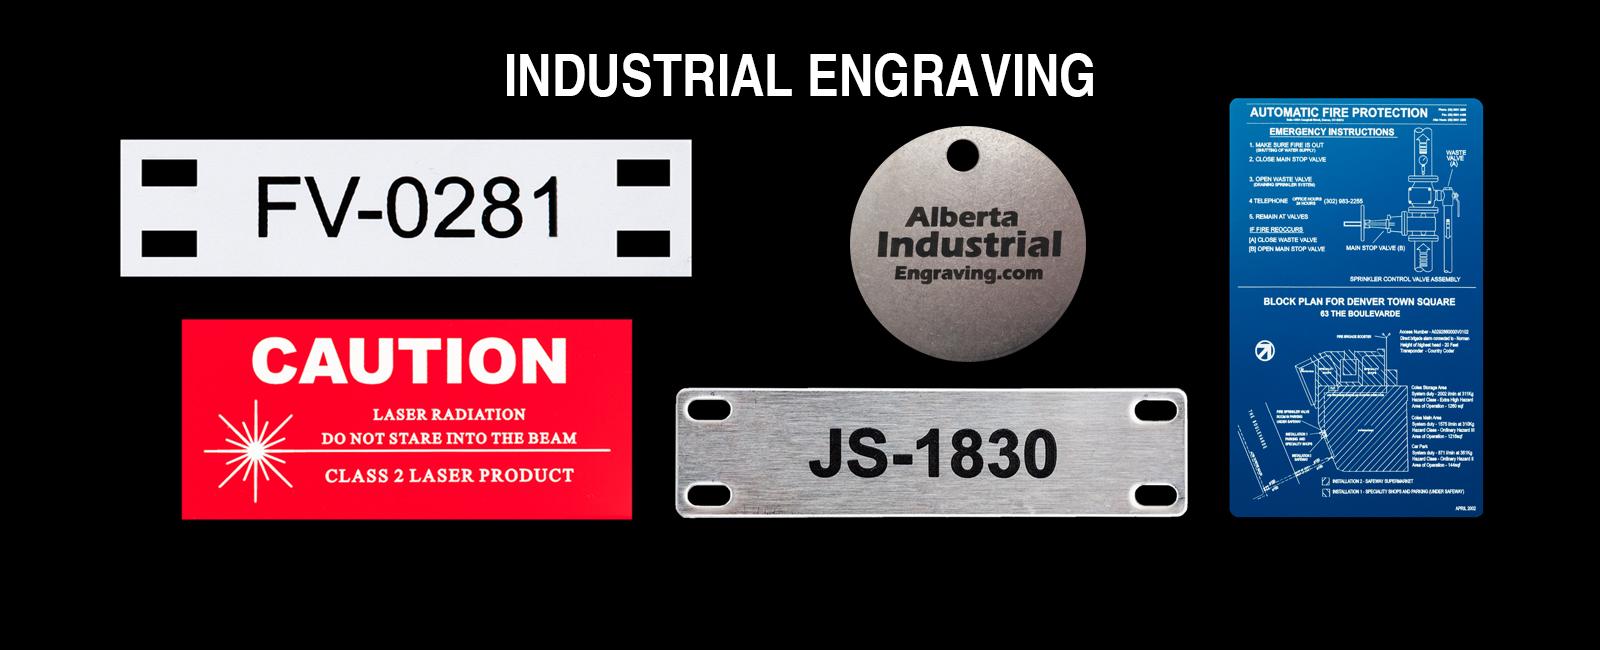 Industrial Engraving | Calgary